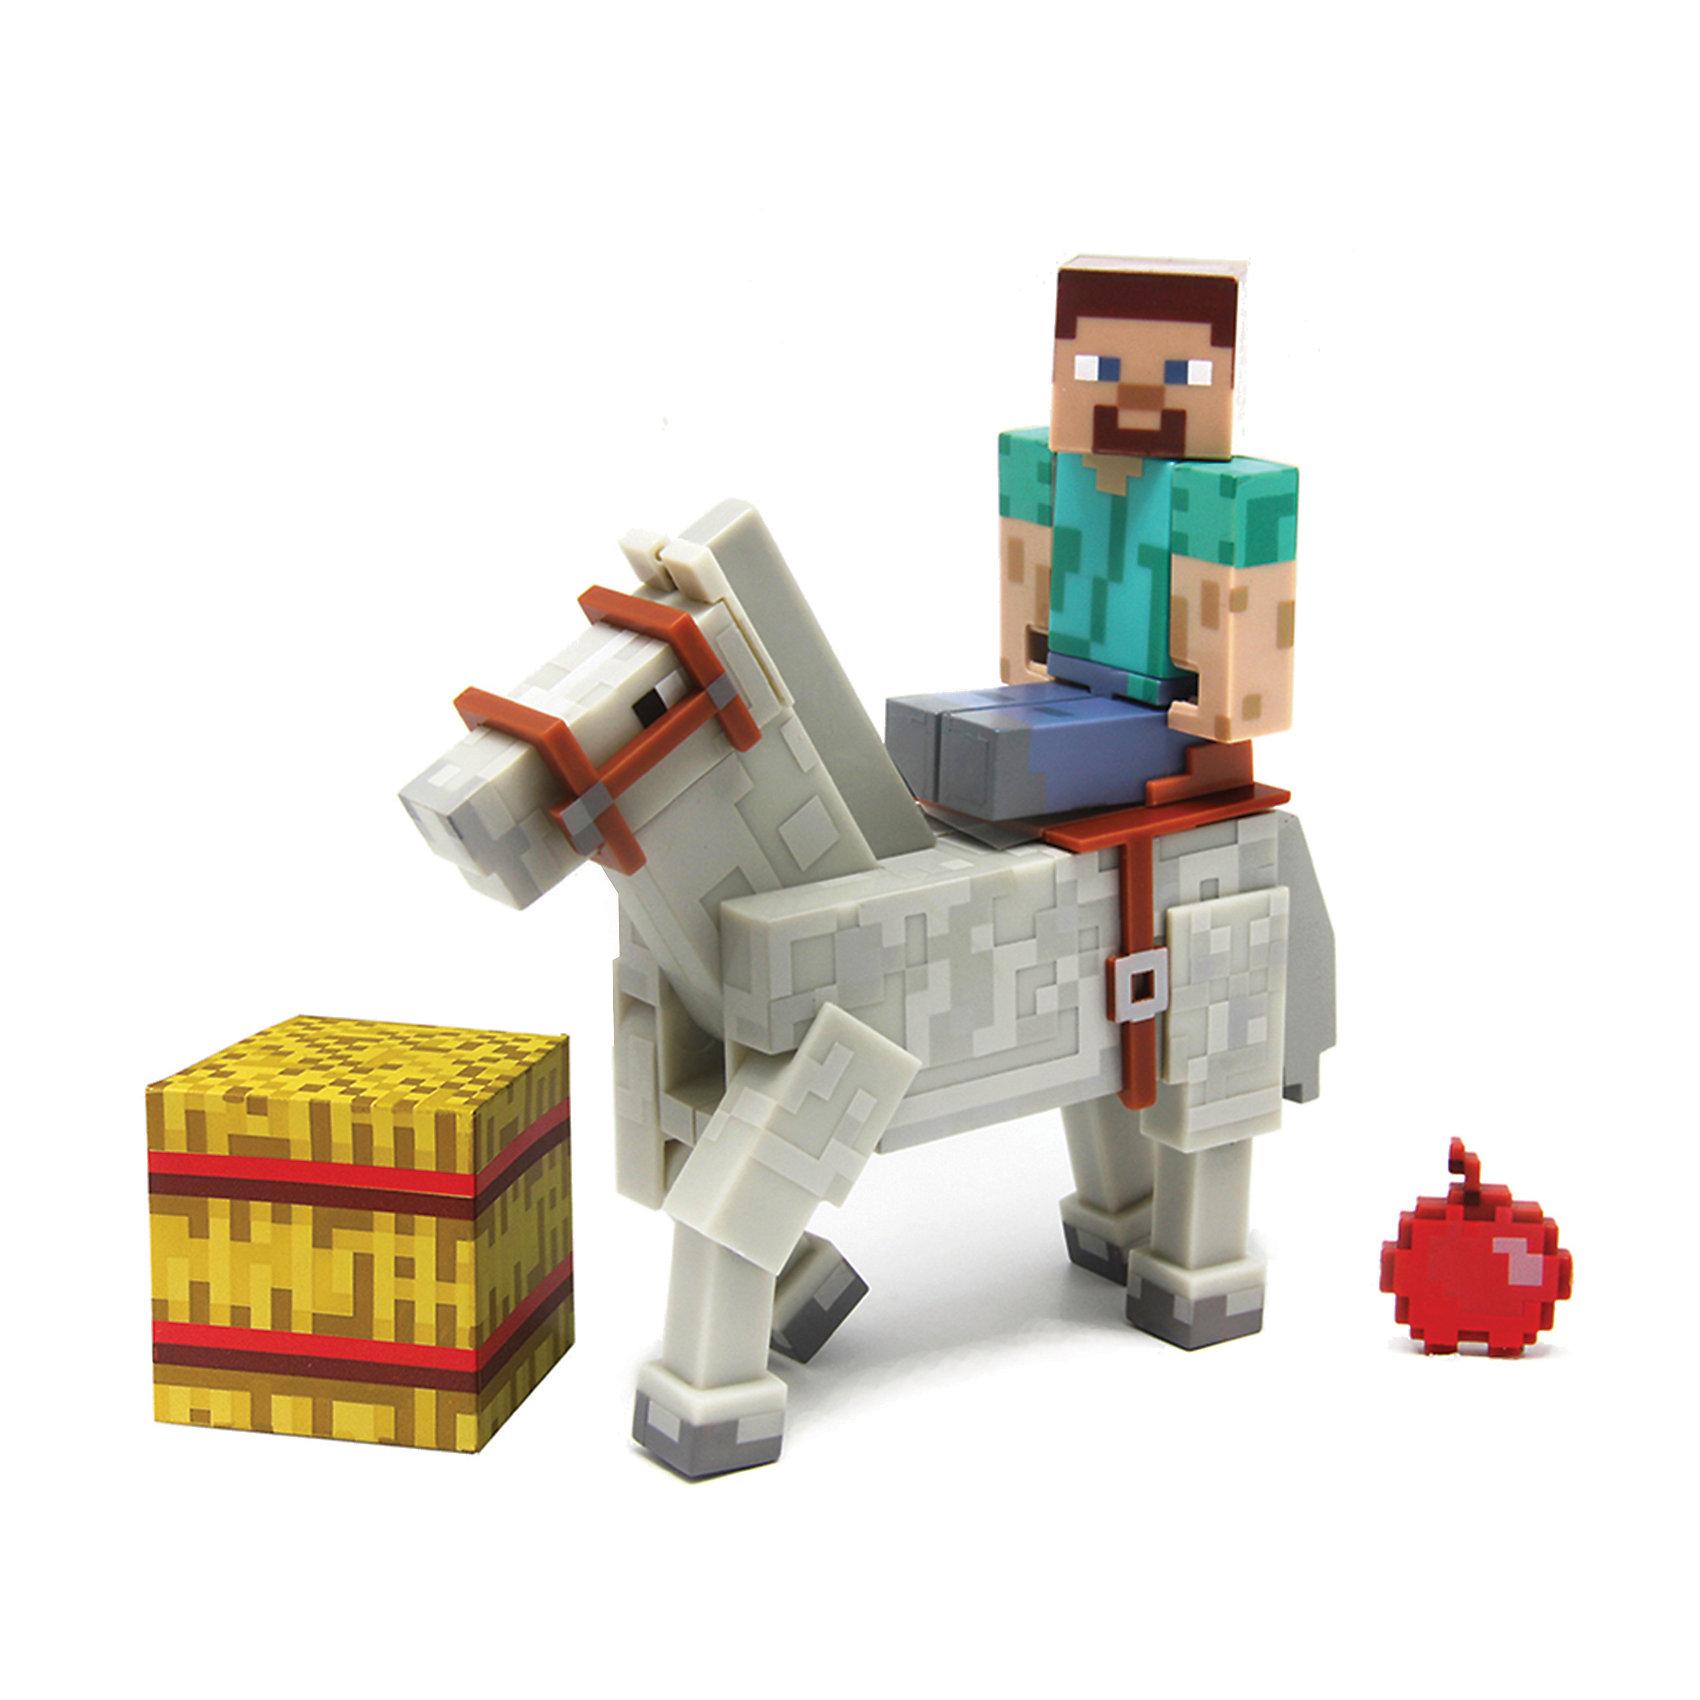 Фигурка 2 в 1 Стив, 8 см, MinecraftВсе поклонники Minecraft придут в восторг от Стива! Это дружелюбный моб, в игре он бесцельно блуждал по окрестностям, что нередко приводило к его смерти — он тонул в озерах или падал с летающих островов. Игрушка выполнена из высококачественного пластика безопасного для детей. Собери всю коллекцию фигурок Майнкрафт!<br><br>Дополнительная информация:<br><br>- Материал: пластик.<br>- Высота фигурки: 8 см. <br>- Комплектация: фигурка, лошадь, кубик, яблоко.<br>- Руки и ноги фигурки подвижные.<br>- У лошади подвижные ноги.<br><br>Фигурка 2 в 1 Стив, 8 см, Minecraft (Майнкрафт), можно купить в нашем магазине.<br><br>Ширина мм: 191<br>Глубина мм: 162<br>Высота мм: 58<br>Вес г: 152<br>Возраст от месяцев: 72<br>Возраст до месяцев: 120<br>Пол: Мужской<br>Возраст: Детский<br>SKU: 4122548